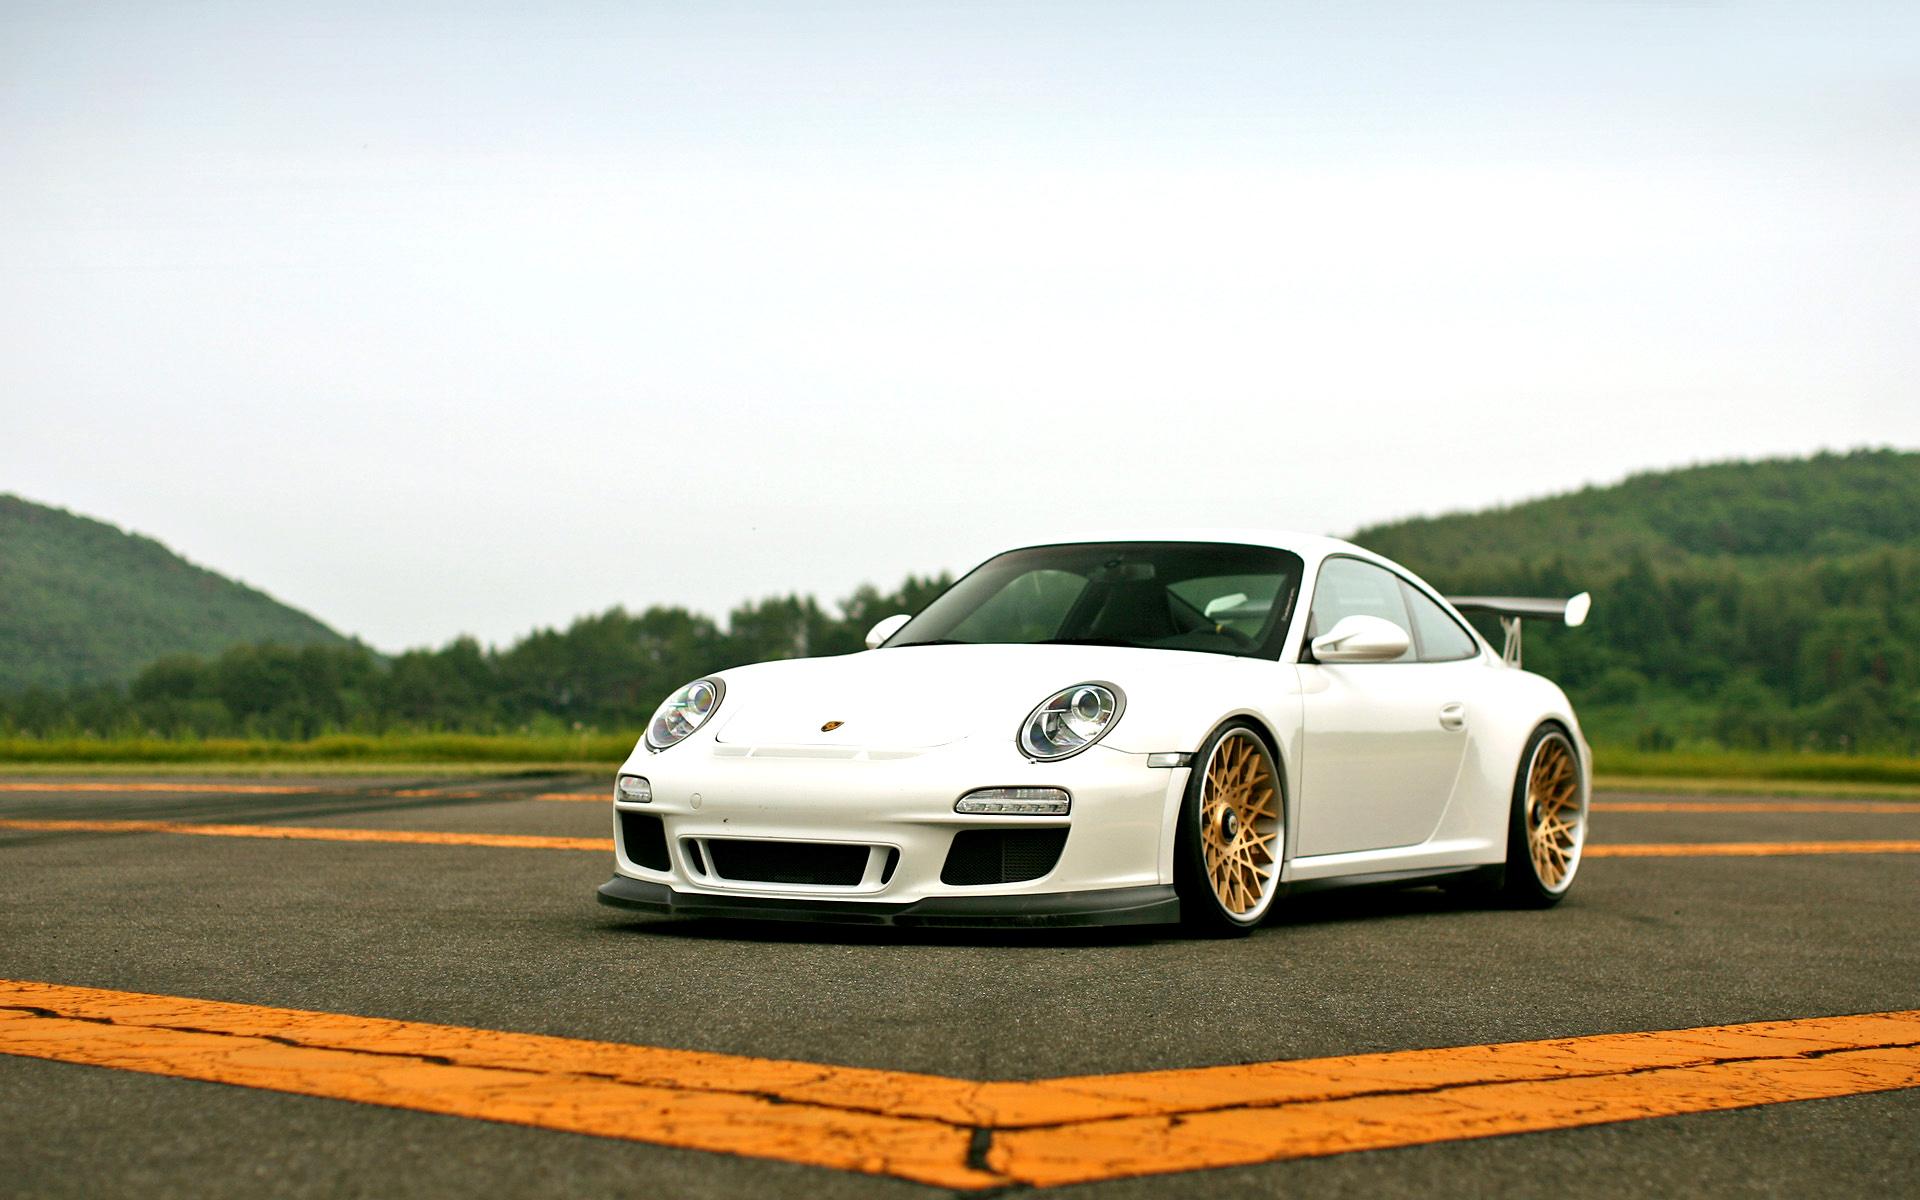 Porsche Gt3 Rs Wallpaper Hd Car Wallpapers Id 3041